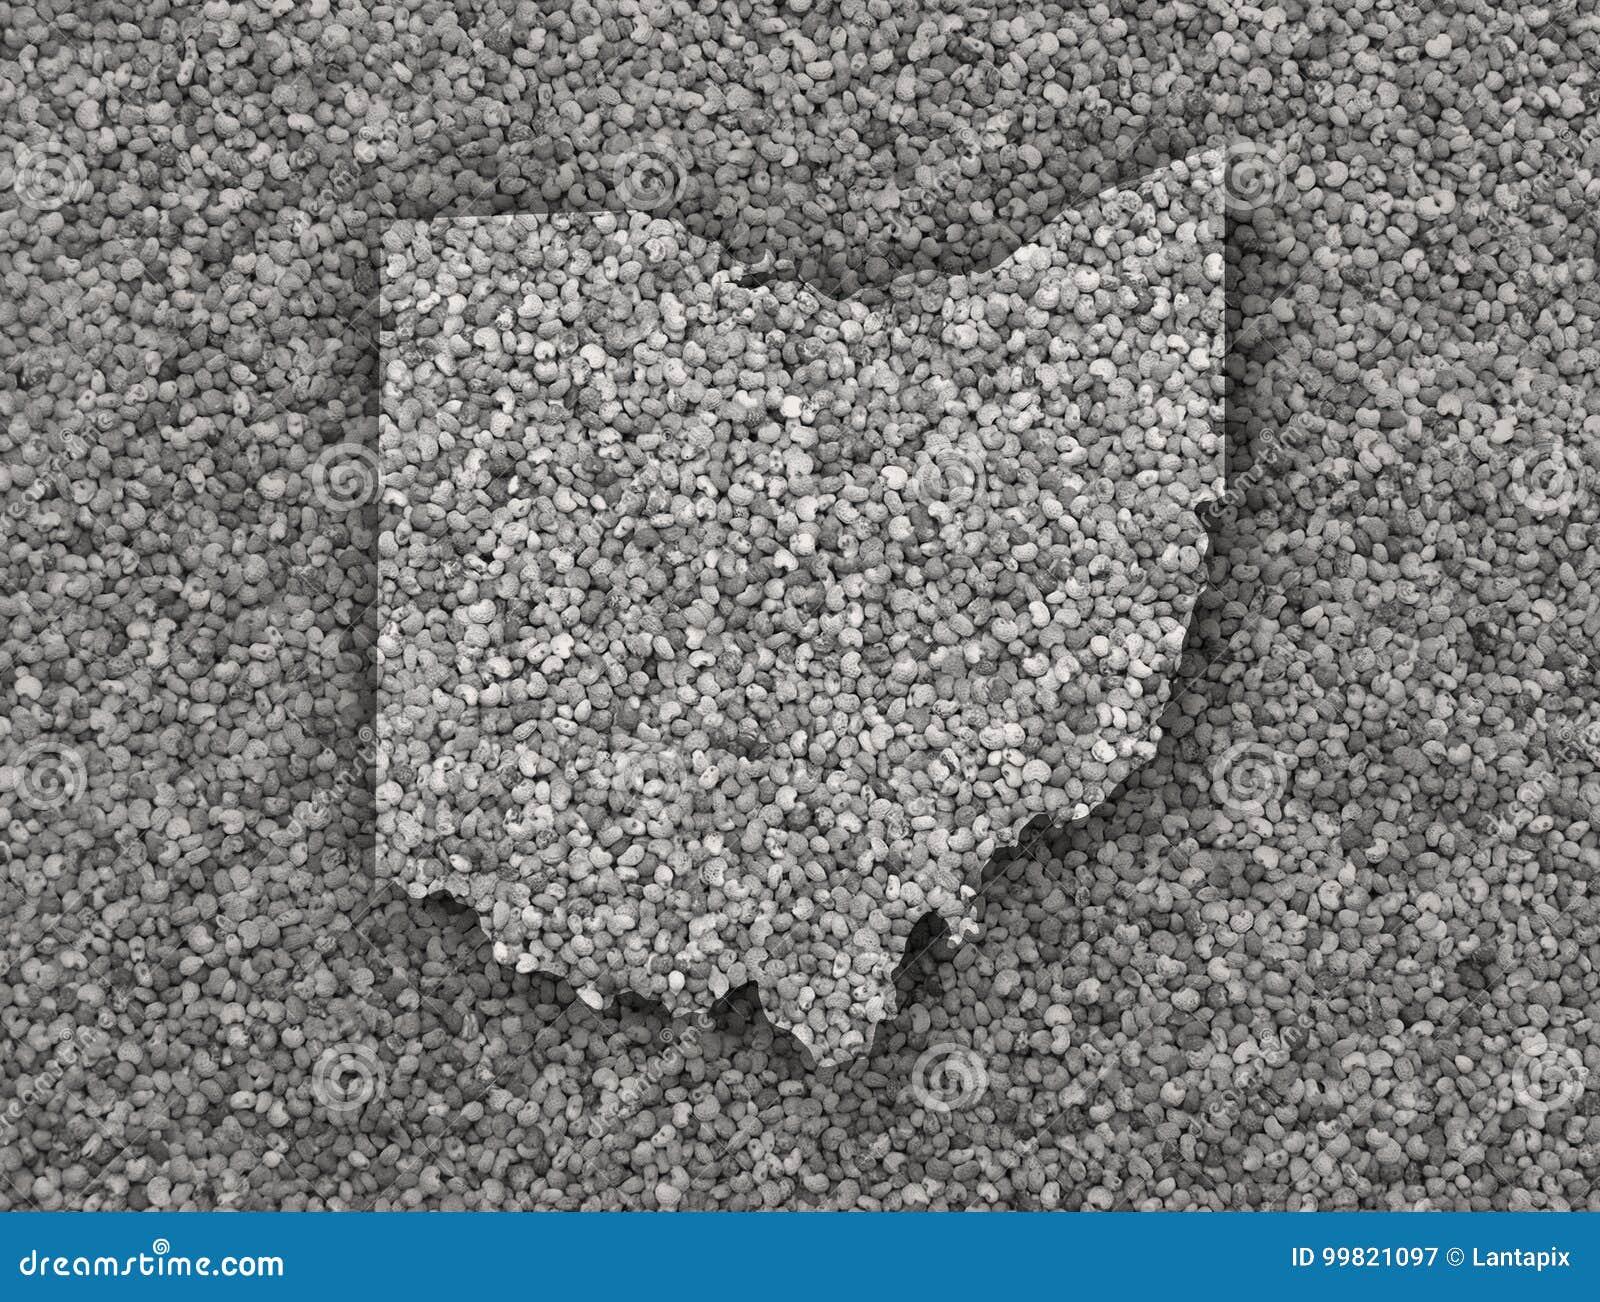 Map of Ohio on poppy seeds